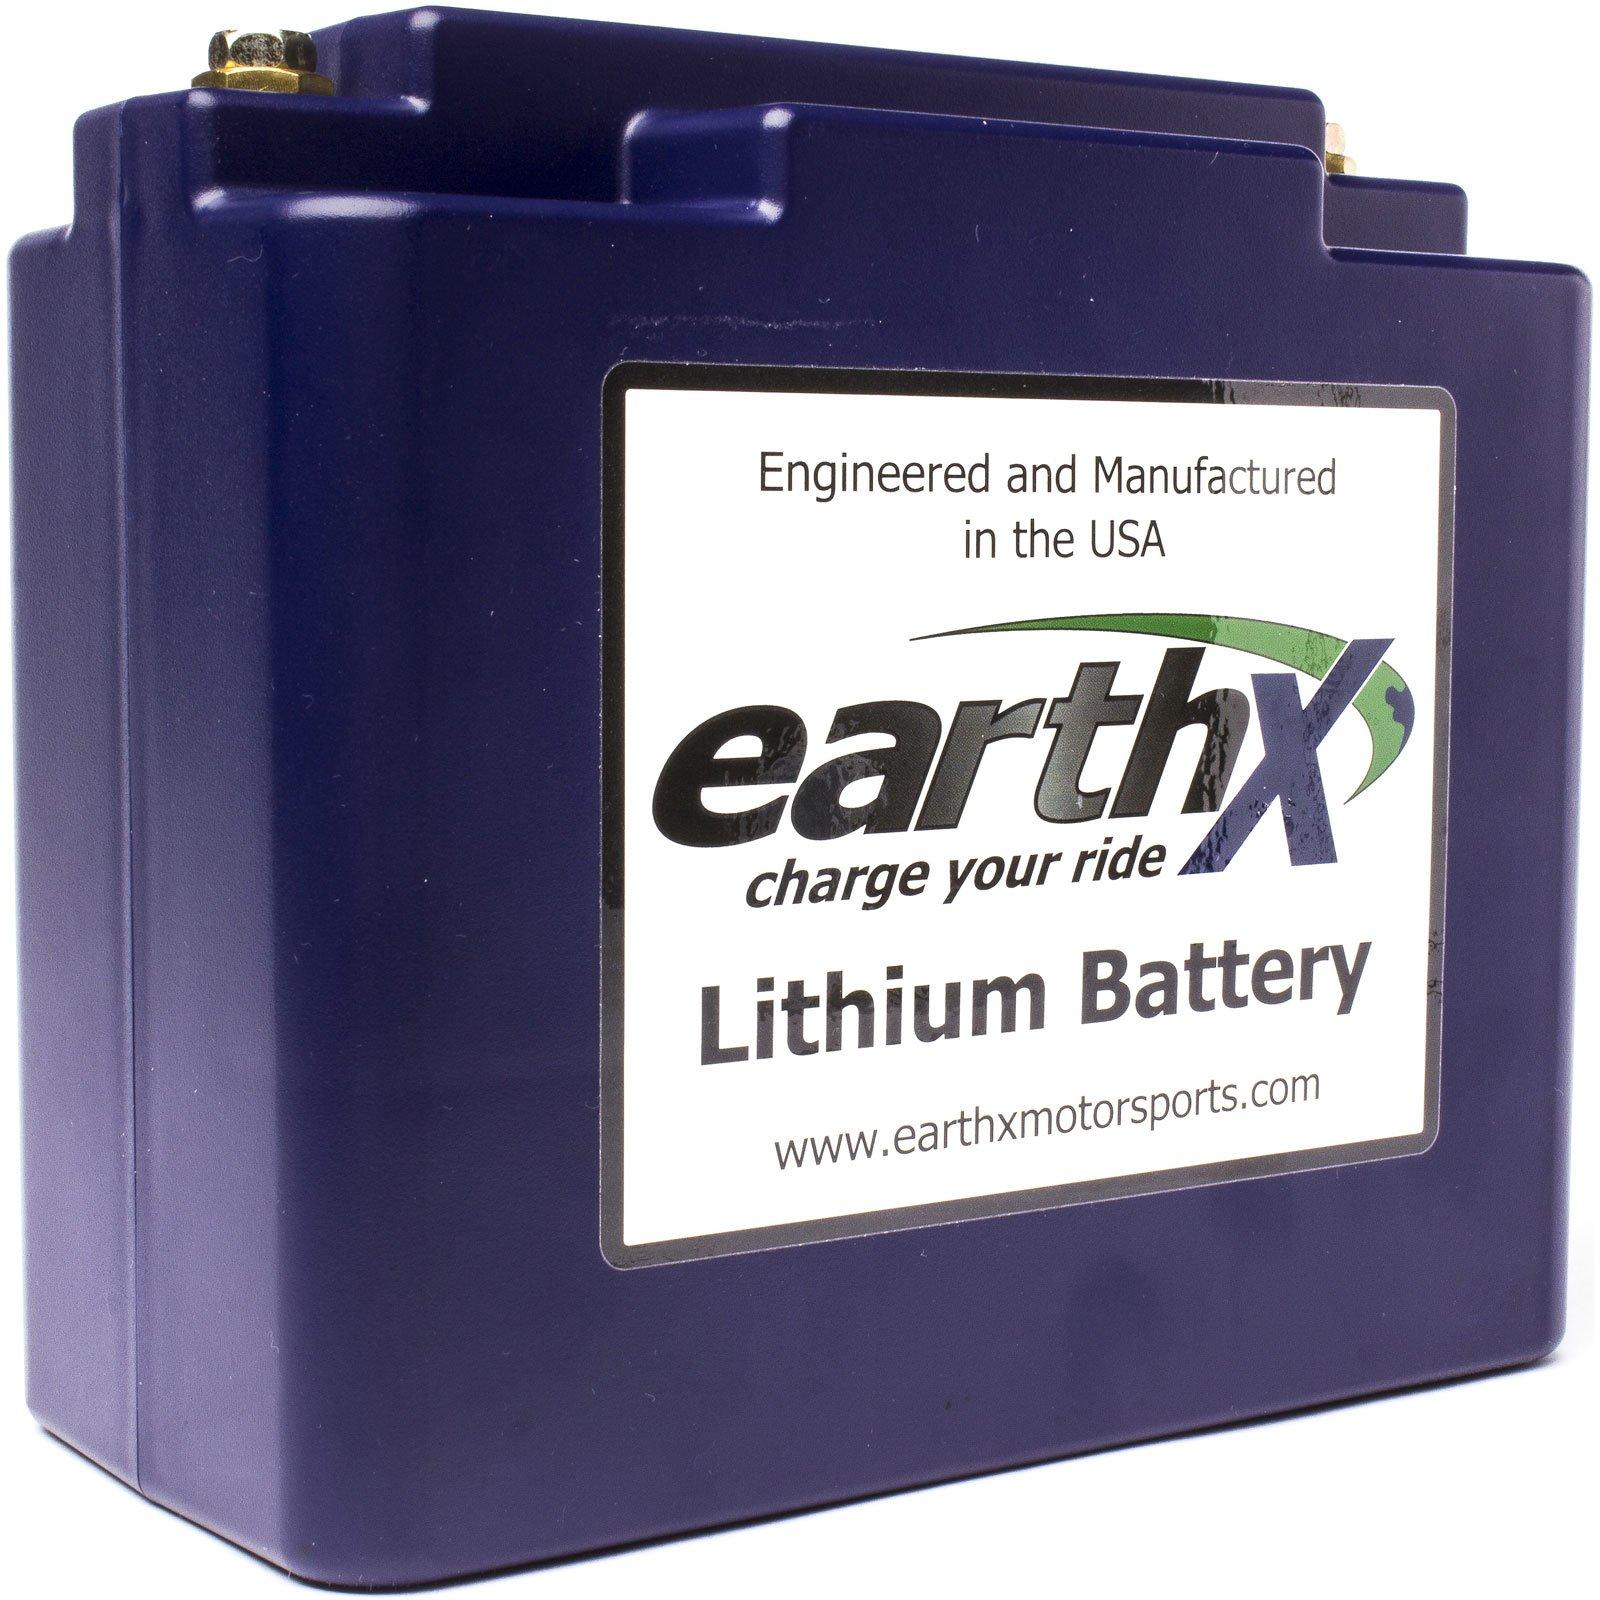 Rechargeable Alkaline Batteries >> EarthX ETX36D Lithium Battery - Free Shipping: BatteryMart.com